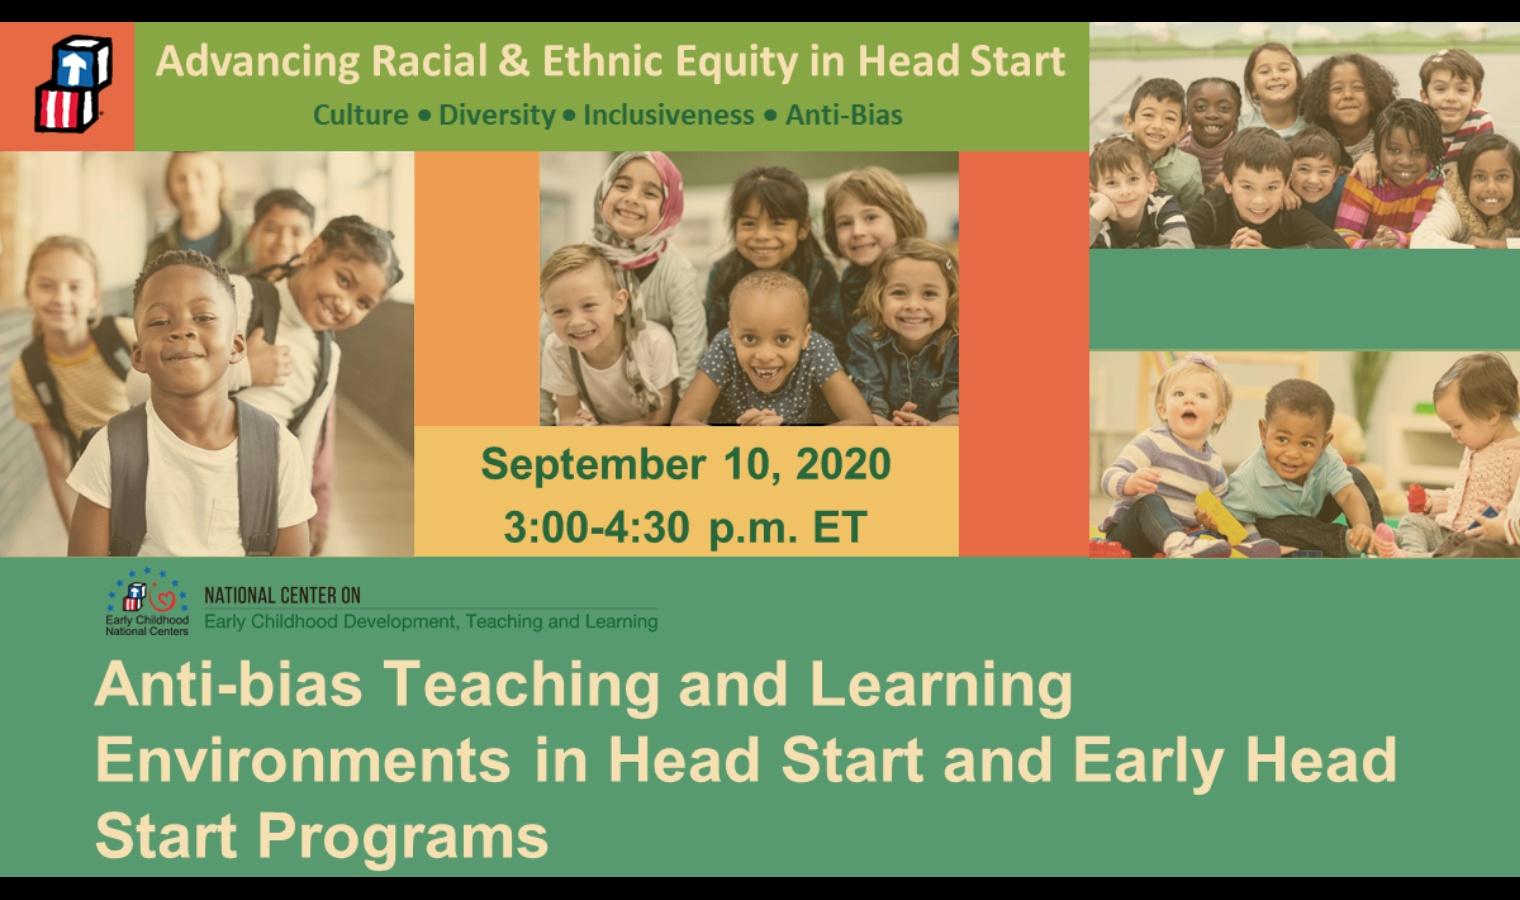 Entornos de enseñanza y aprendizaje contra el sesgo en los programas Head Start y Early Head Start